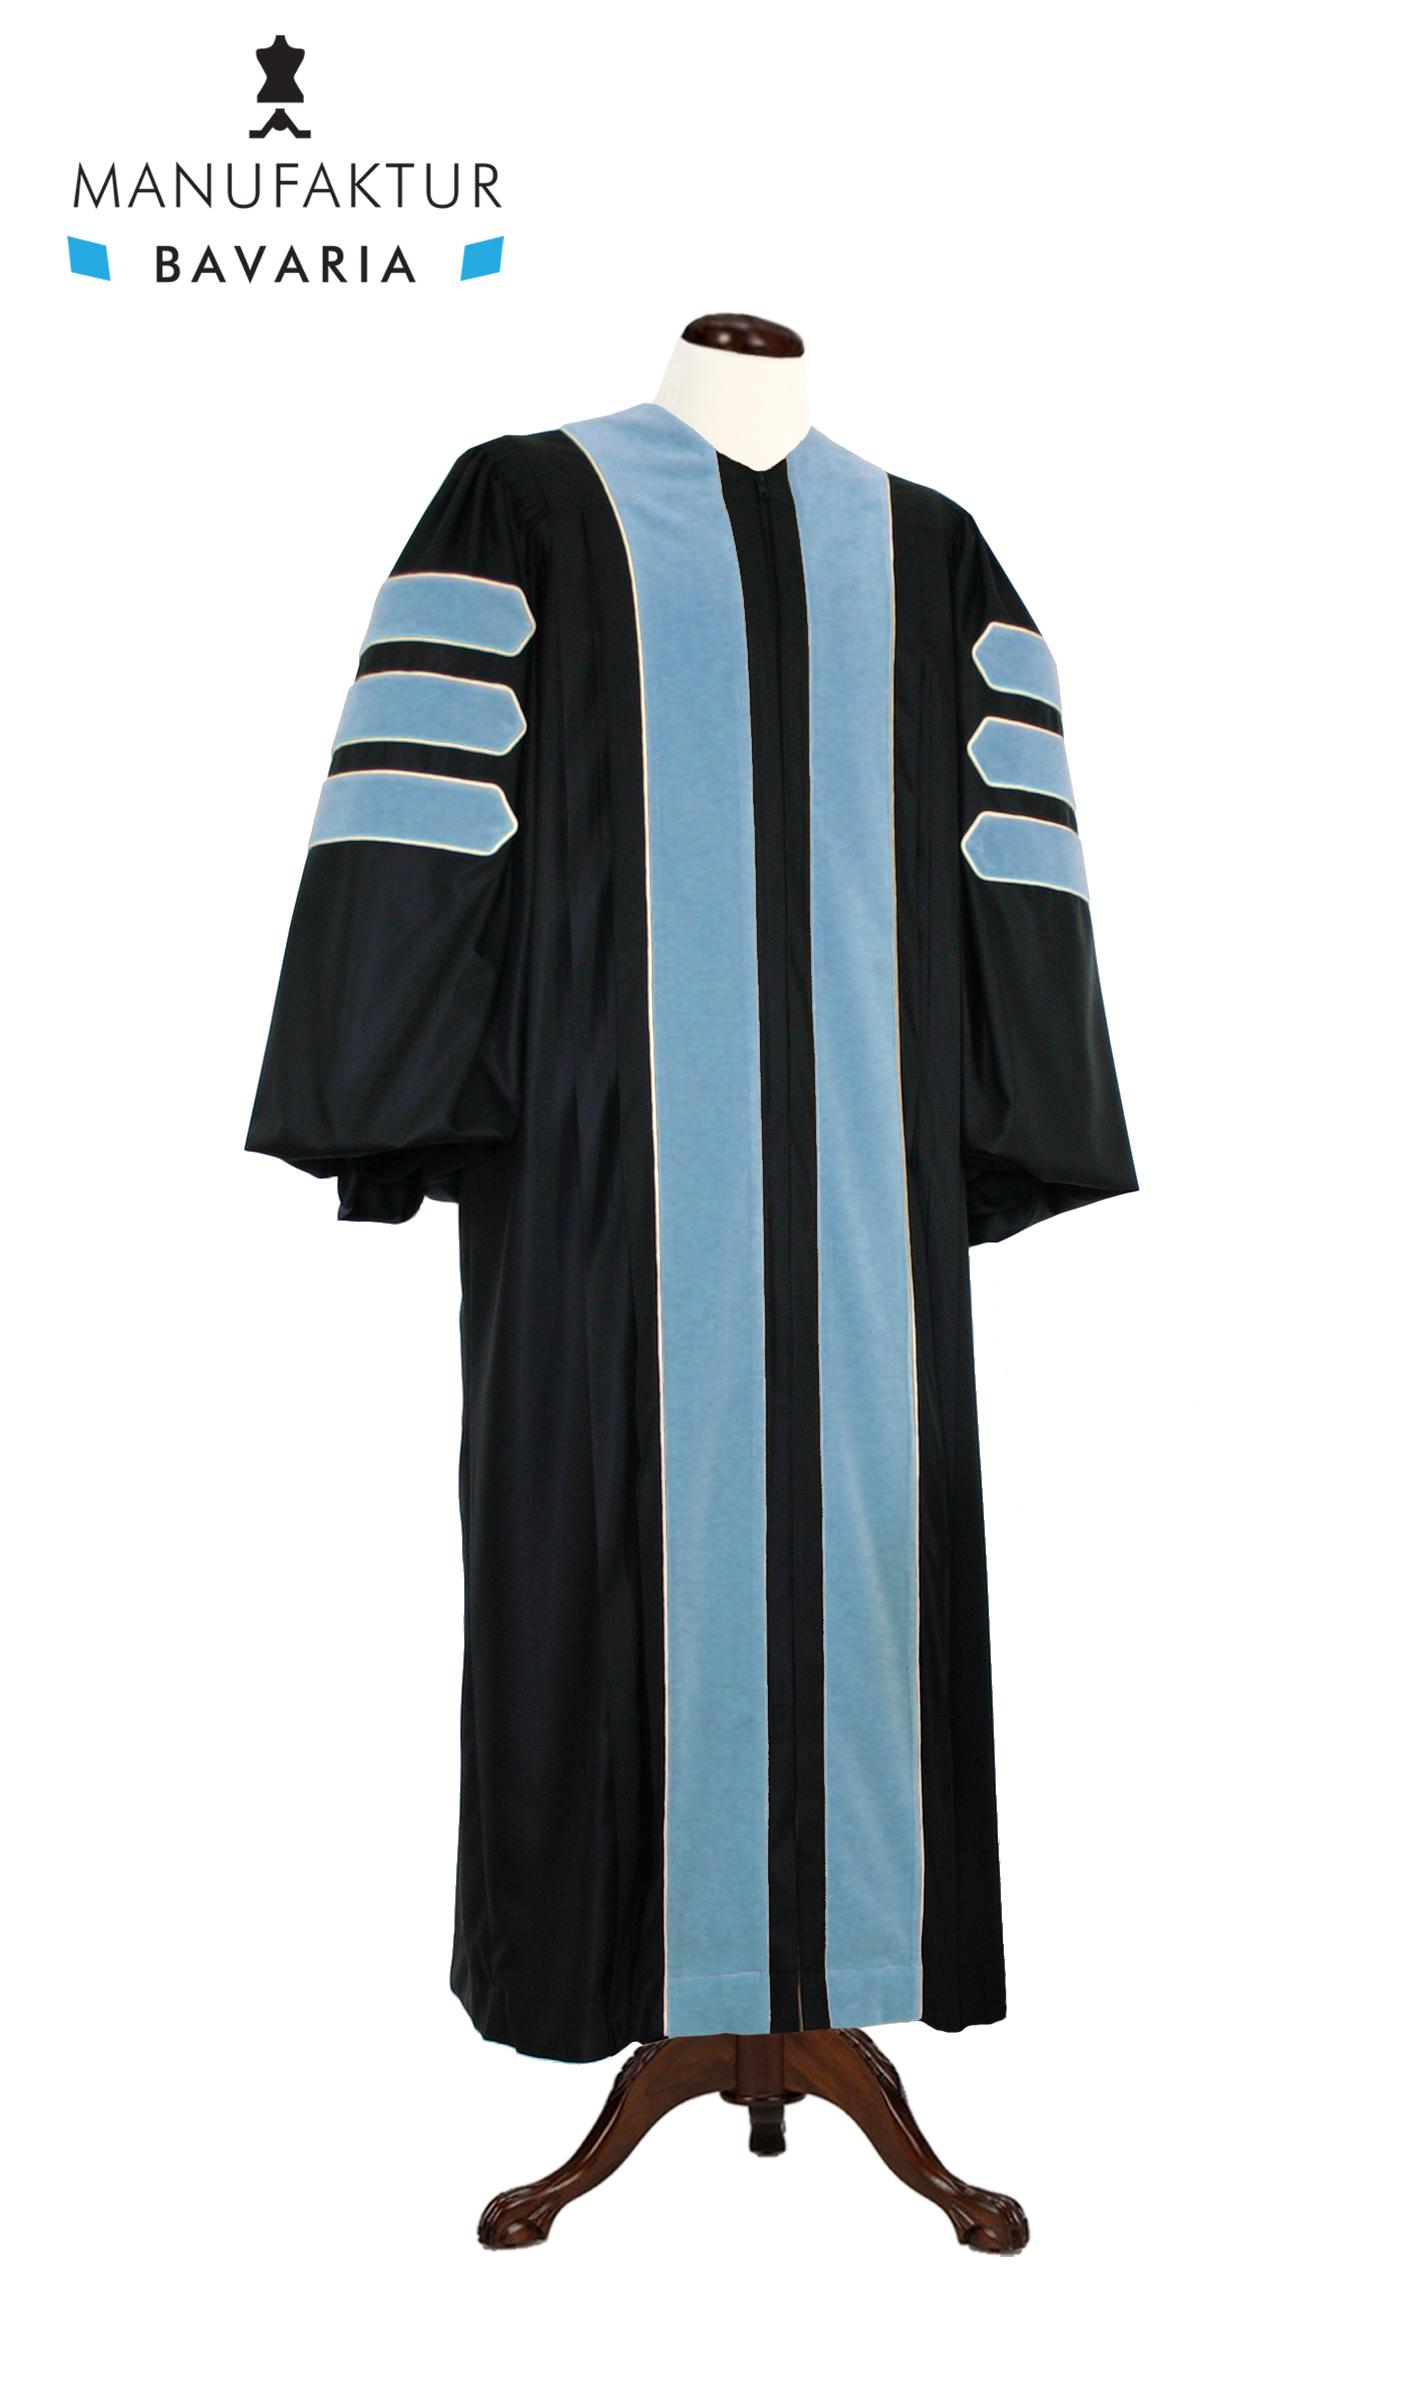 Doktortalar Pädagogik - royal regalia